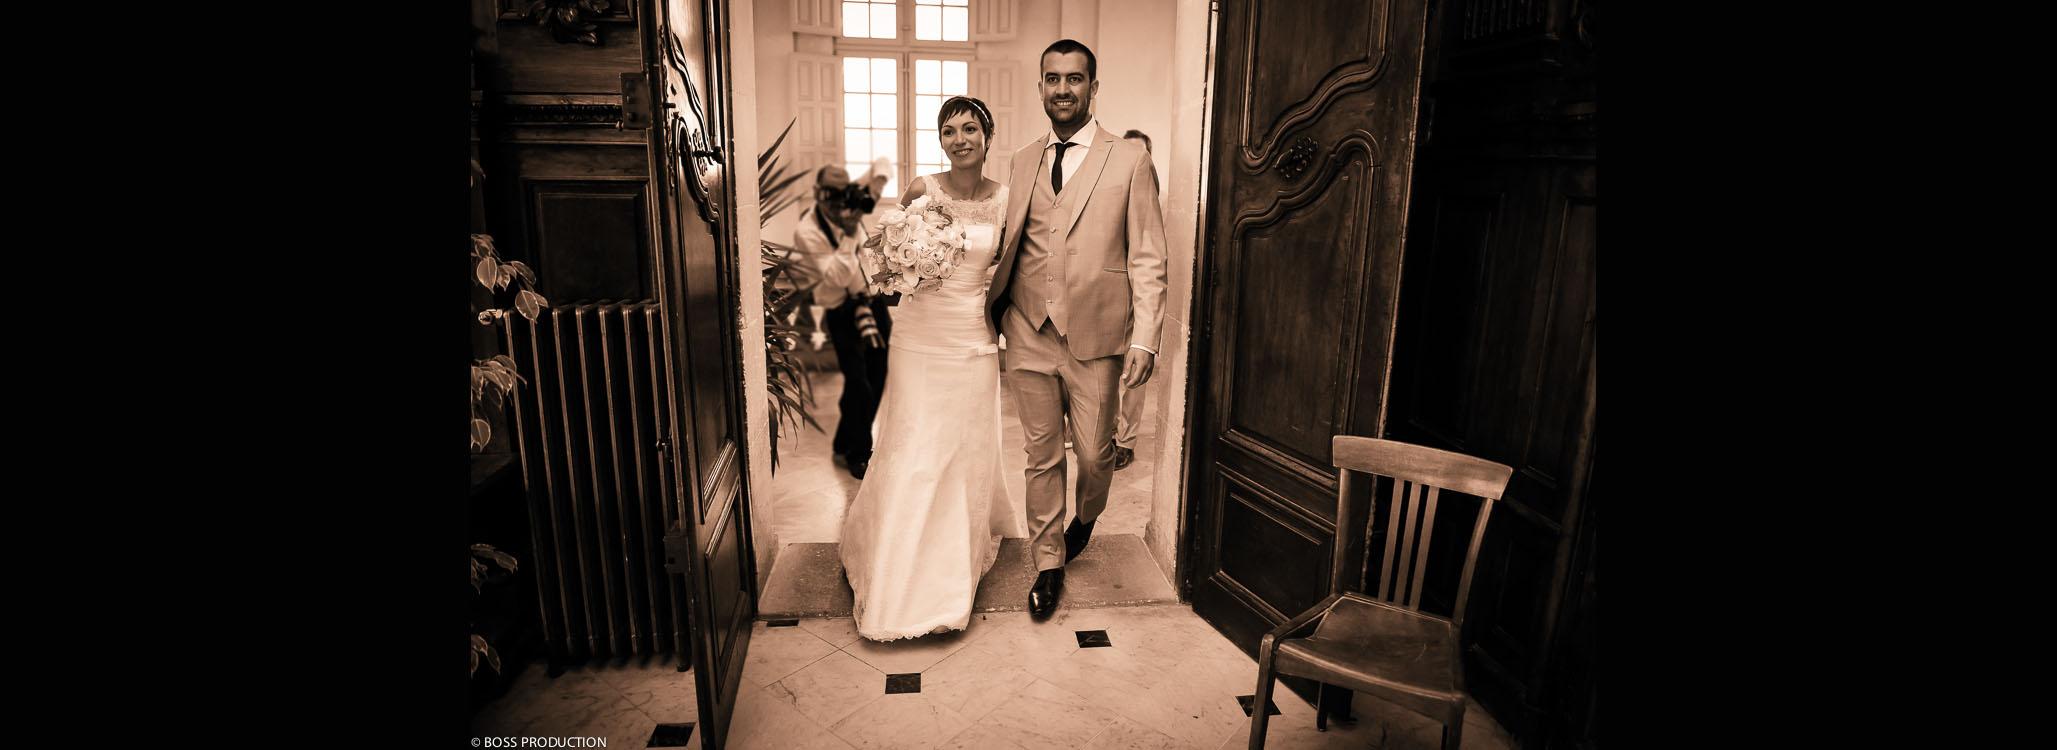 BOSS-PROD-MARIAGE-30